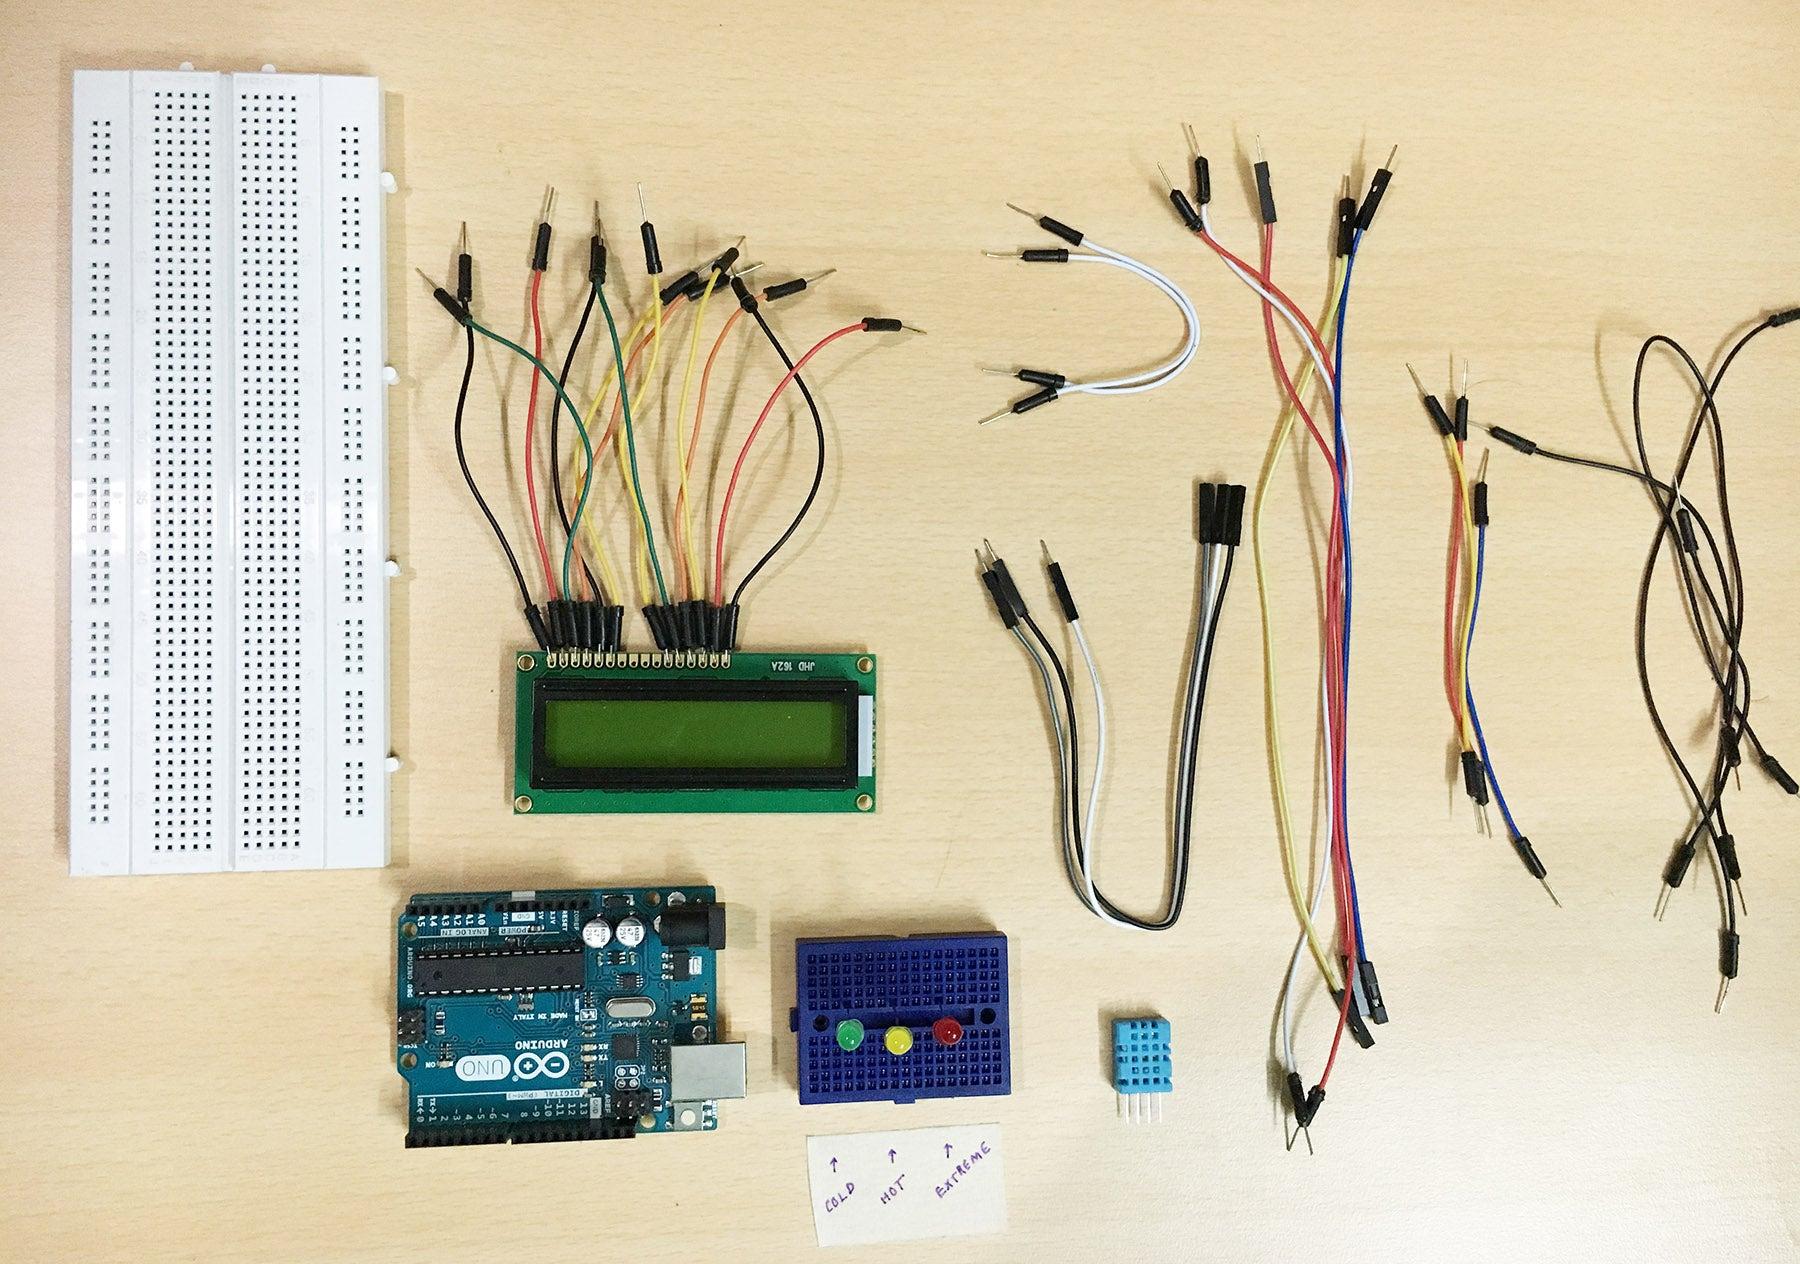 如何将16 x 2 LCD显示器连接到Arduino